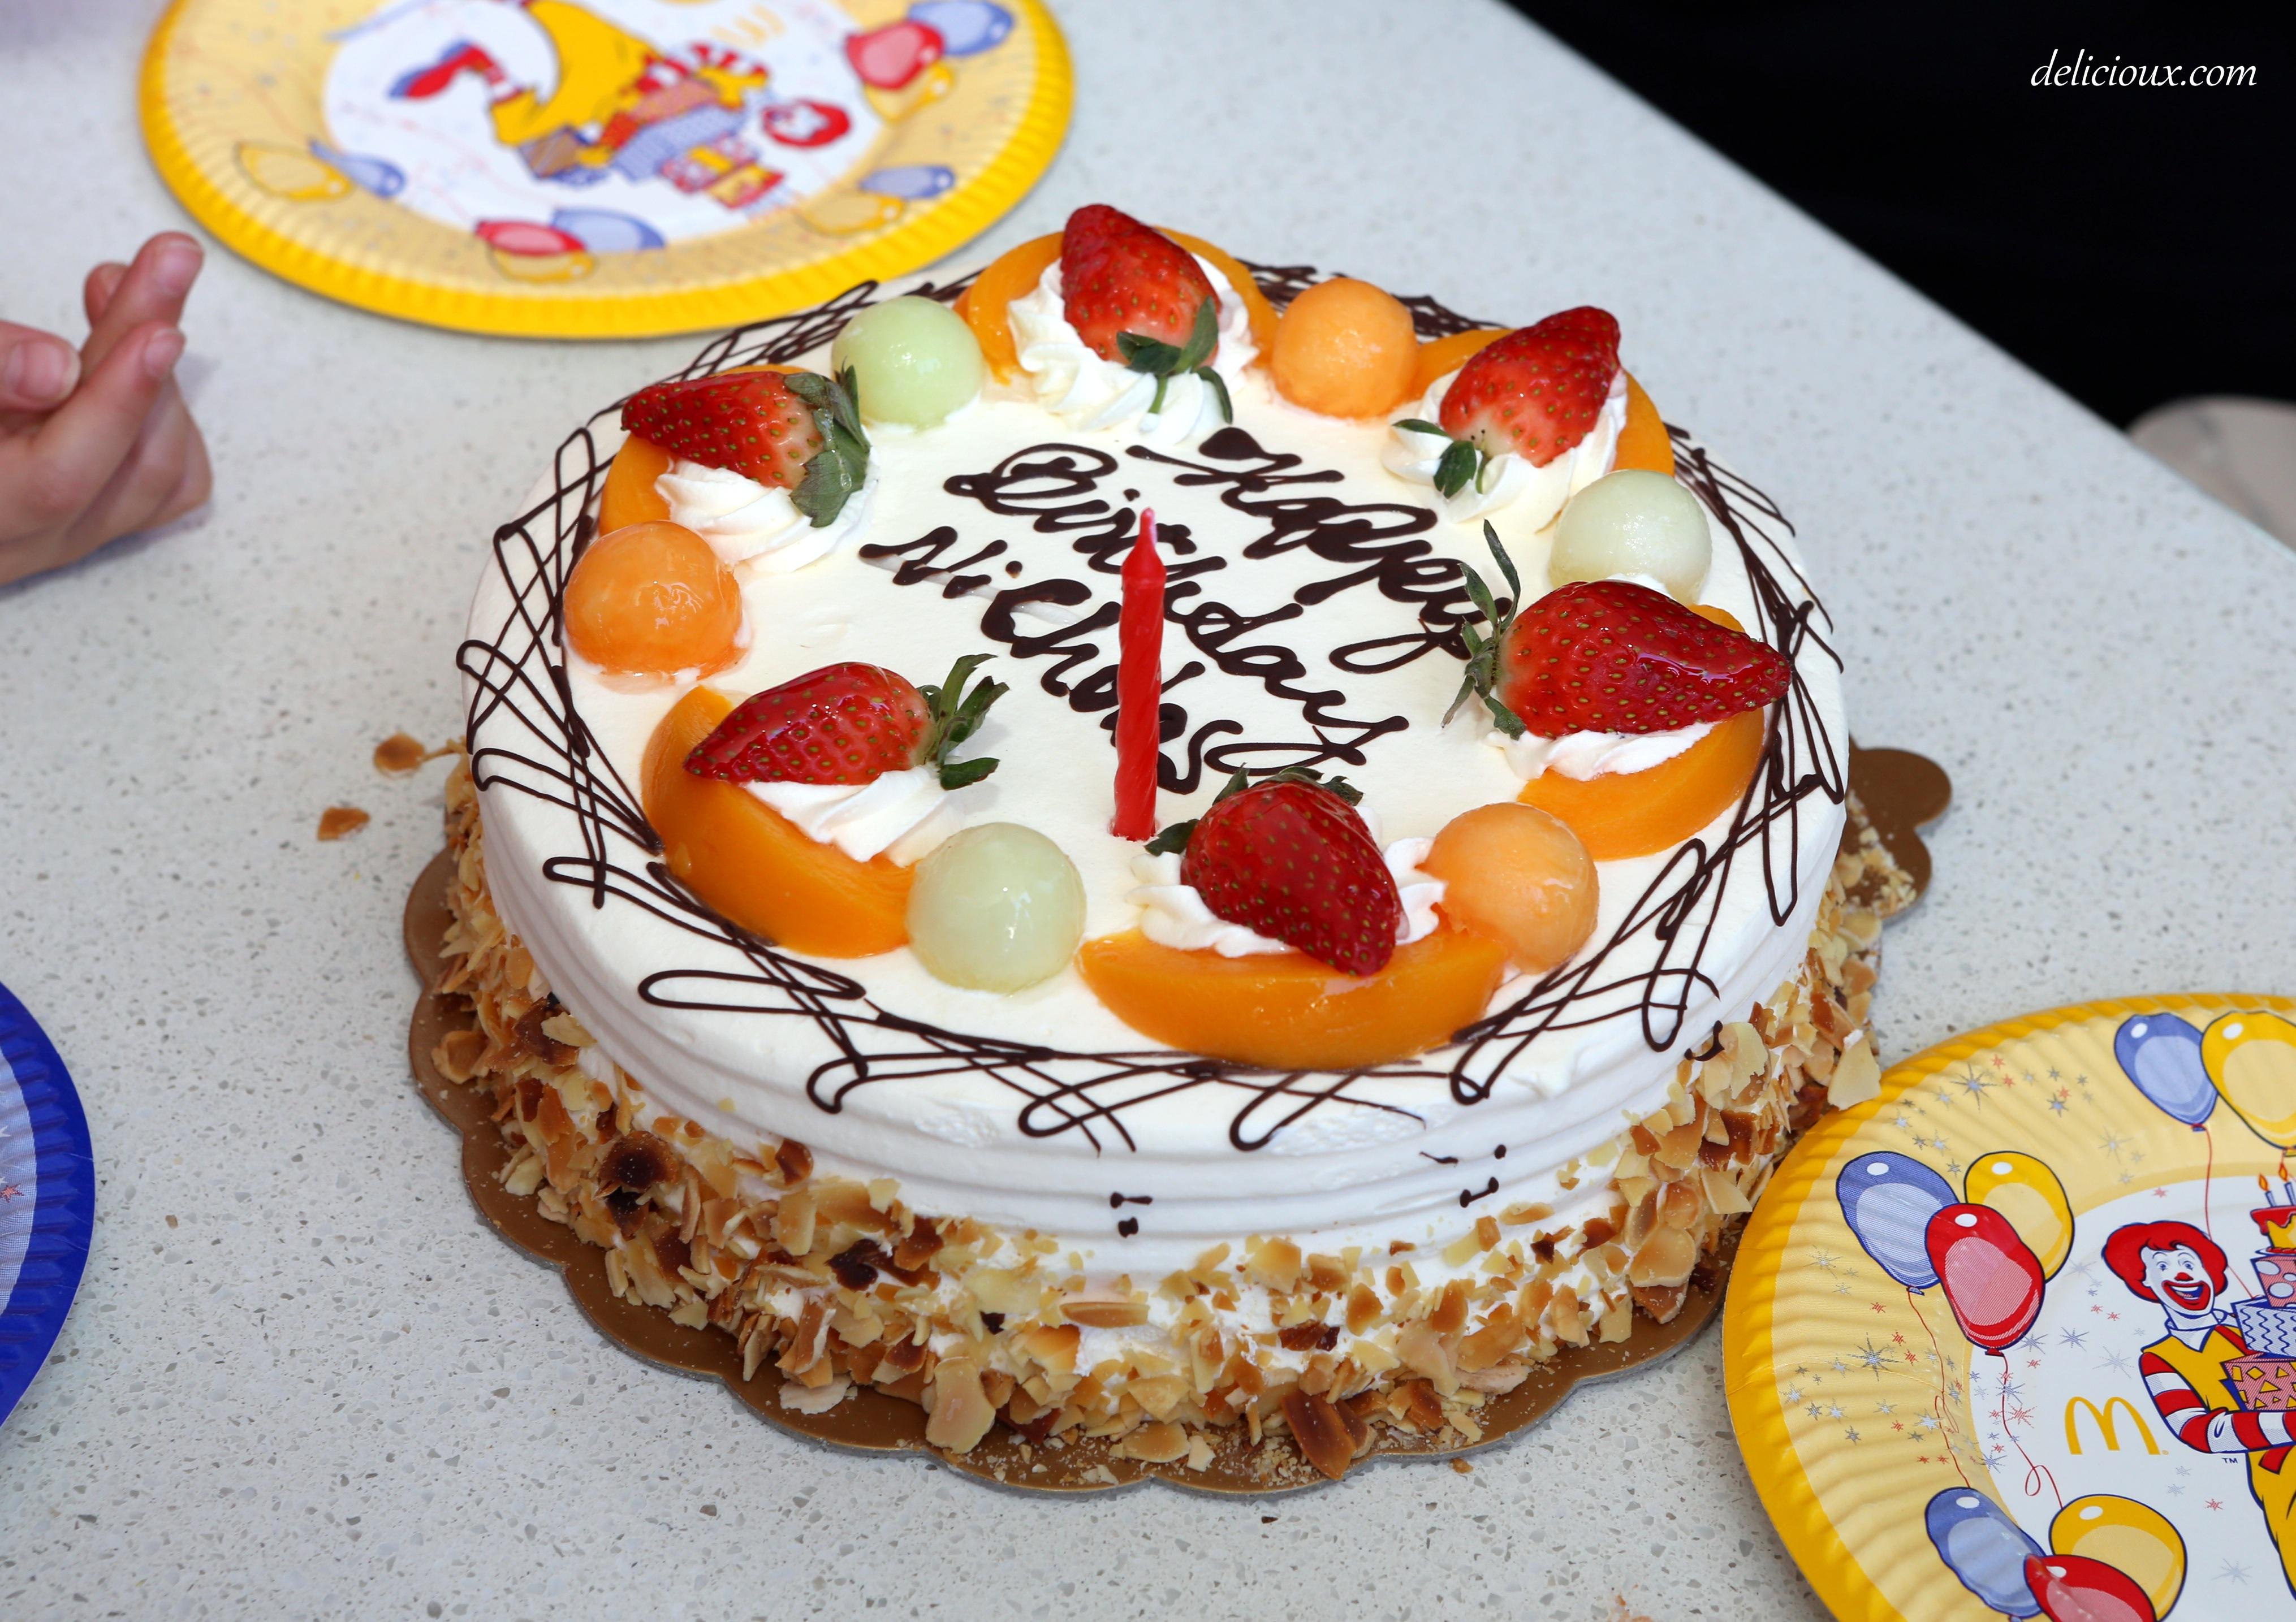 Asian Fruit Birthday Cake  Image Inspiration Of Cake And Birthday - Birthday cake chinese style